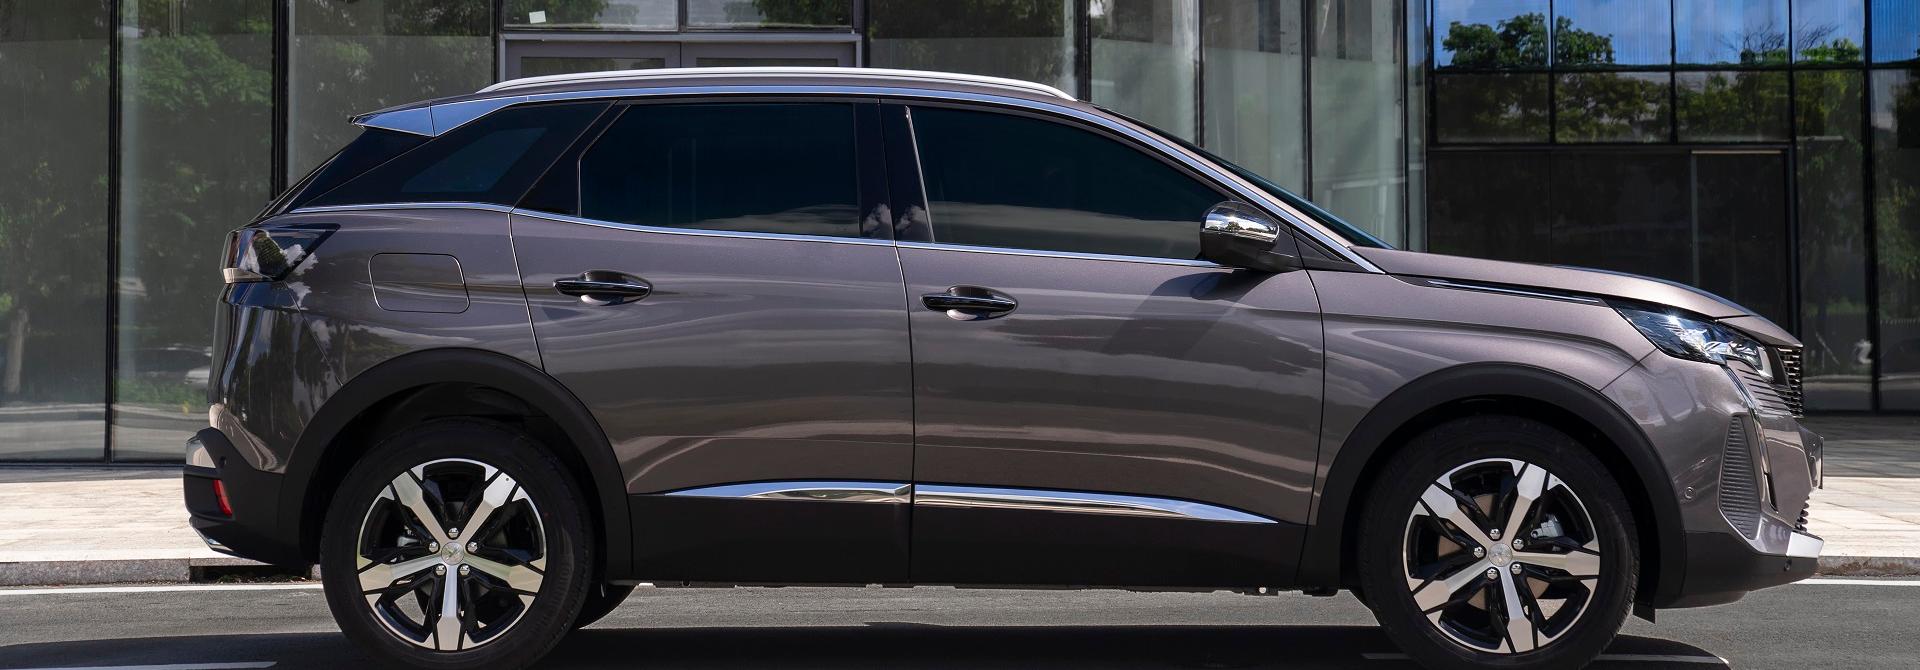 """SUV """"phong cách châu Âu"""" New Peugeot 3008 ra mắt thị trường  Việt"""